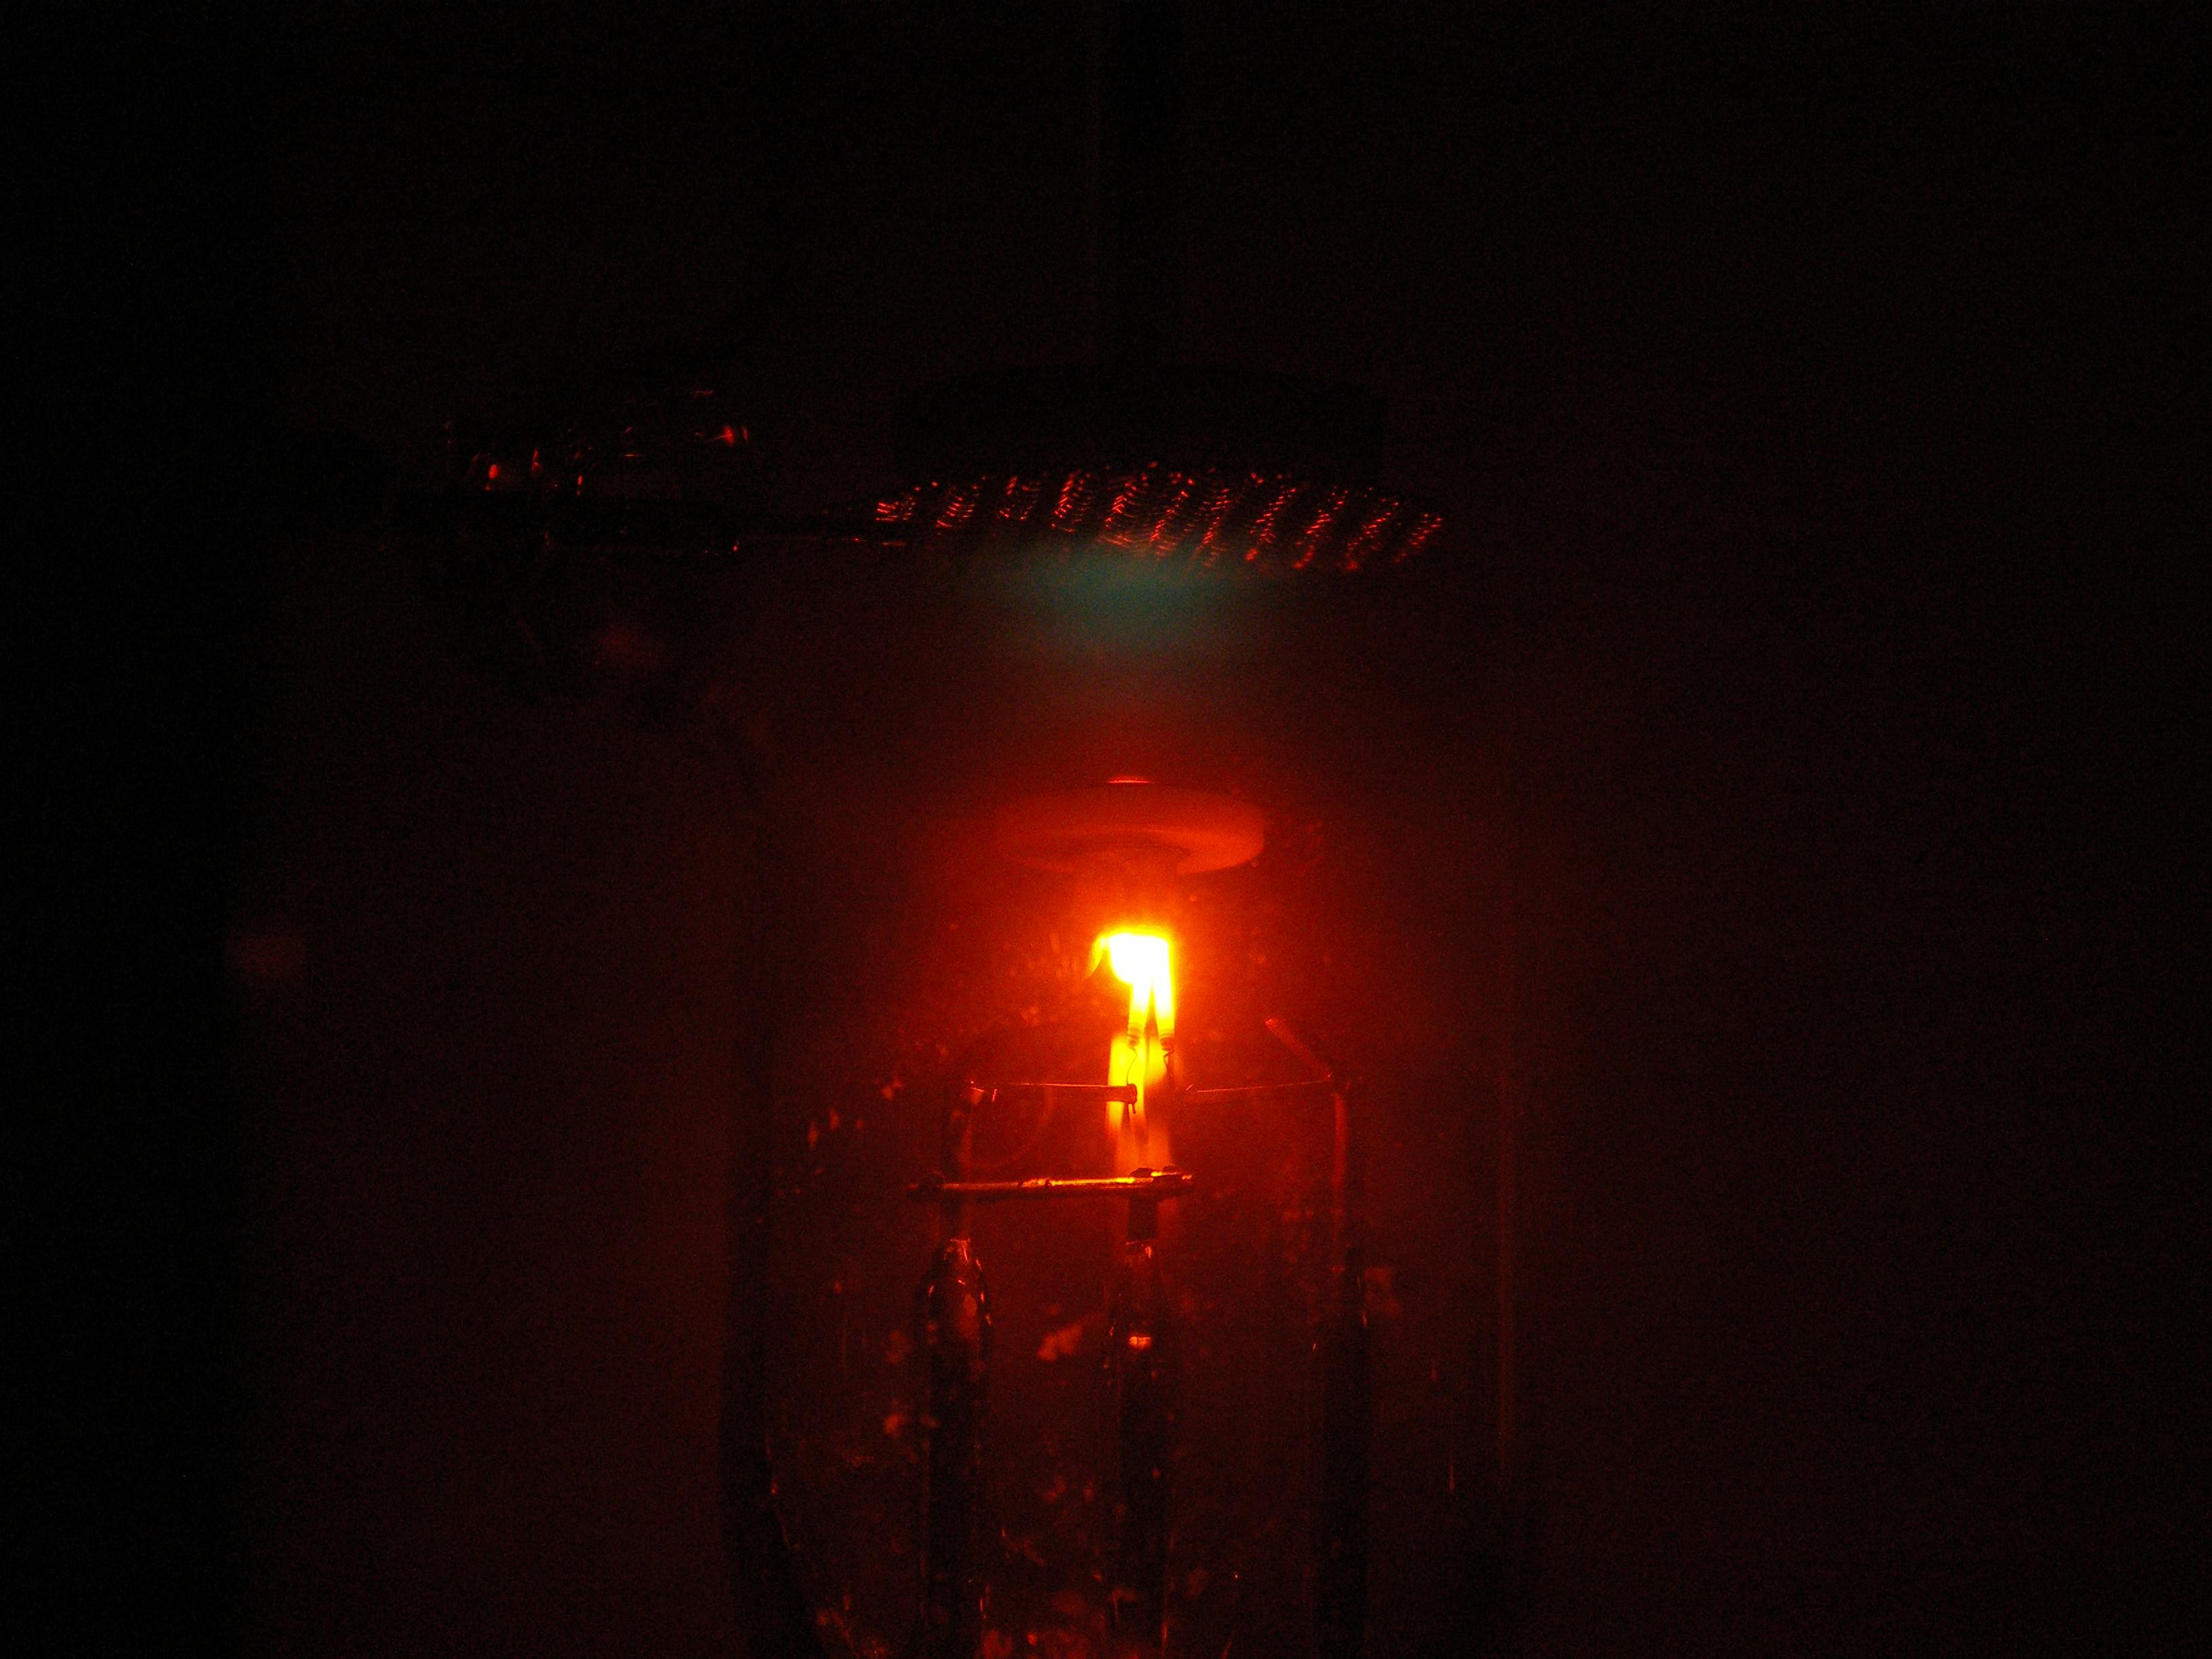 file itdozent franck hertz versuch 2x leuchten. Black Bedroom Furniture Sets. Home Design Ideas